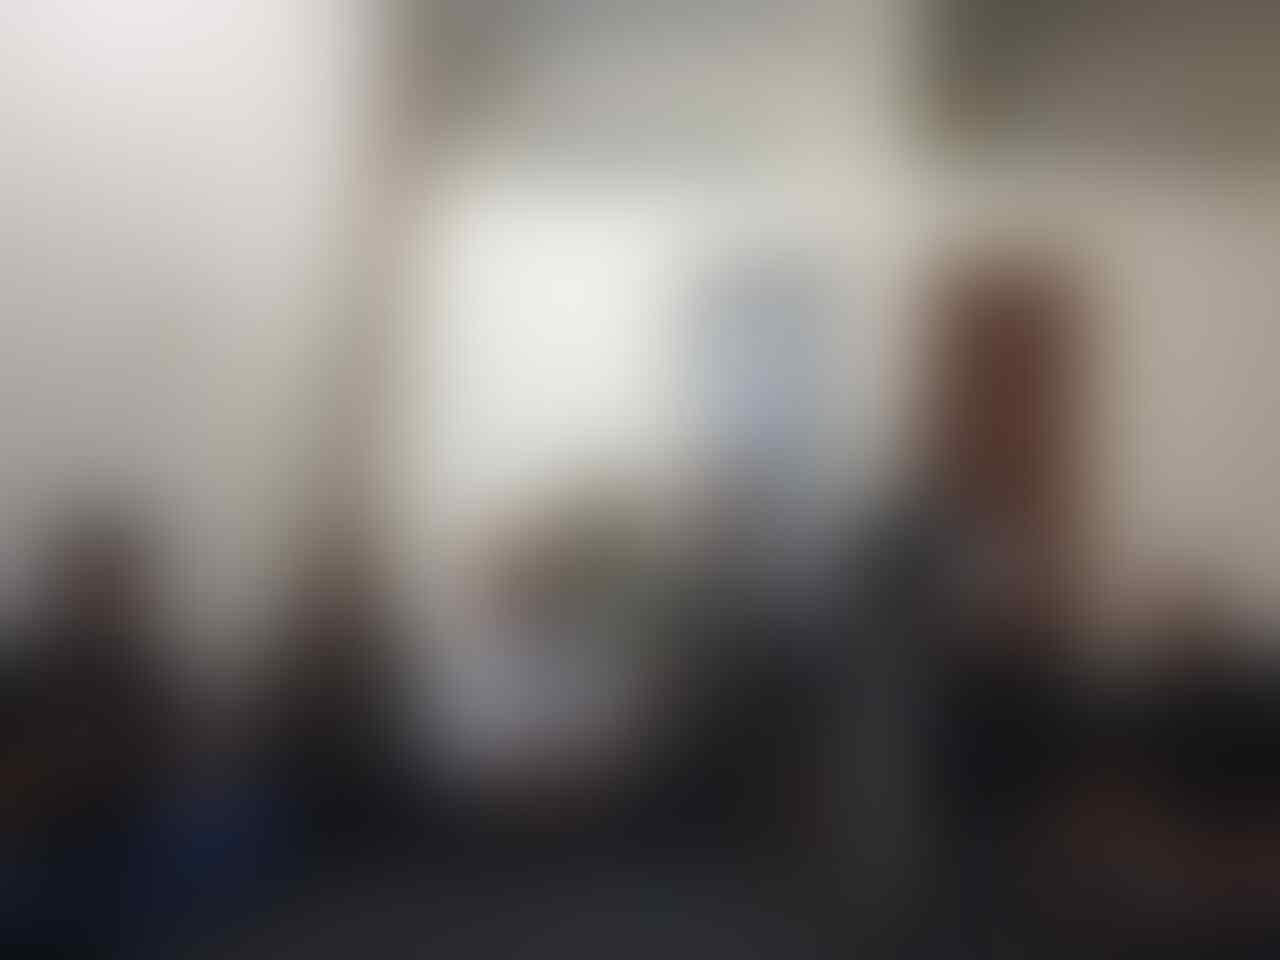 [Sumpah Pemuda Versi Gue]Memaknai Sumpah Pemuda di era Media Sosial